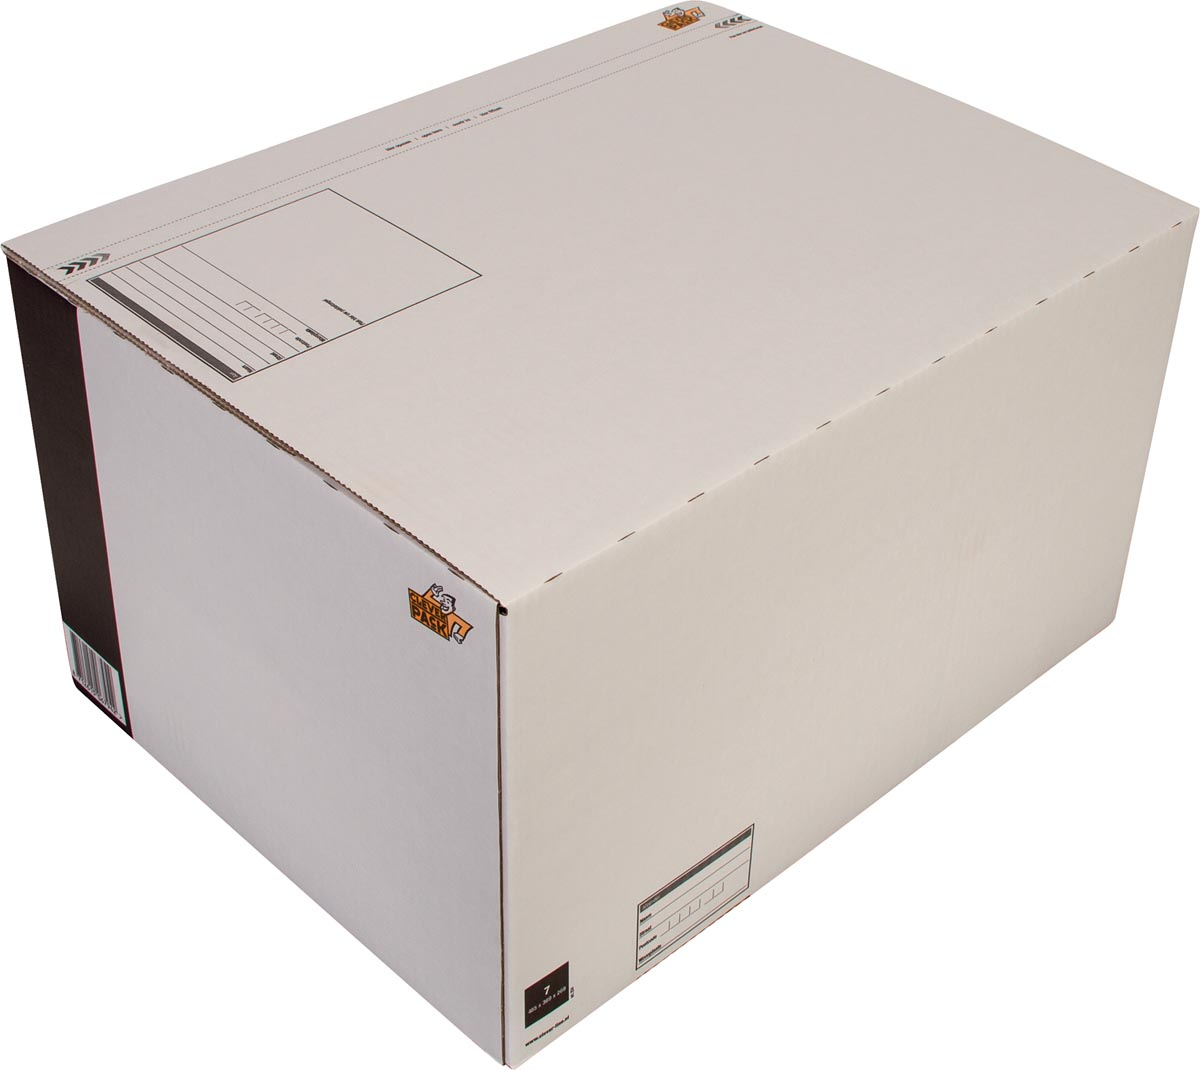 Cleverpack postpakketdoos, ft 485 x 369 x 269 mm, pak van 5 stuks